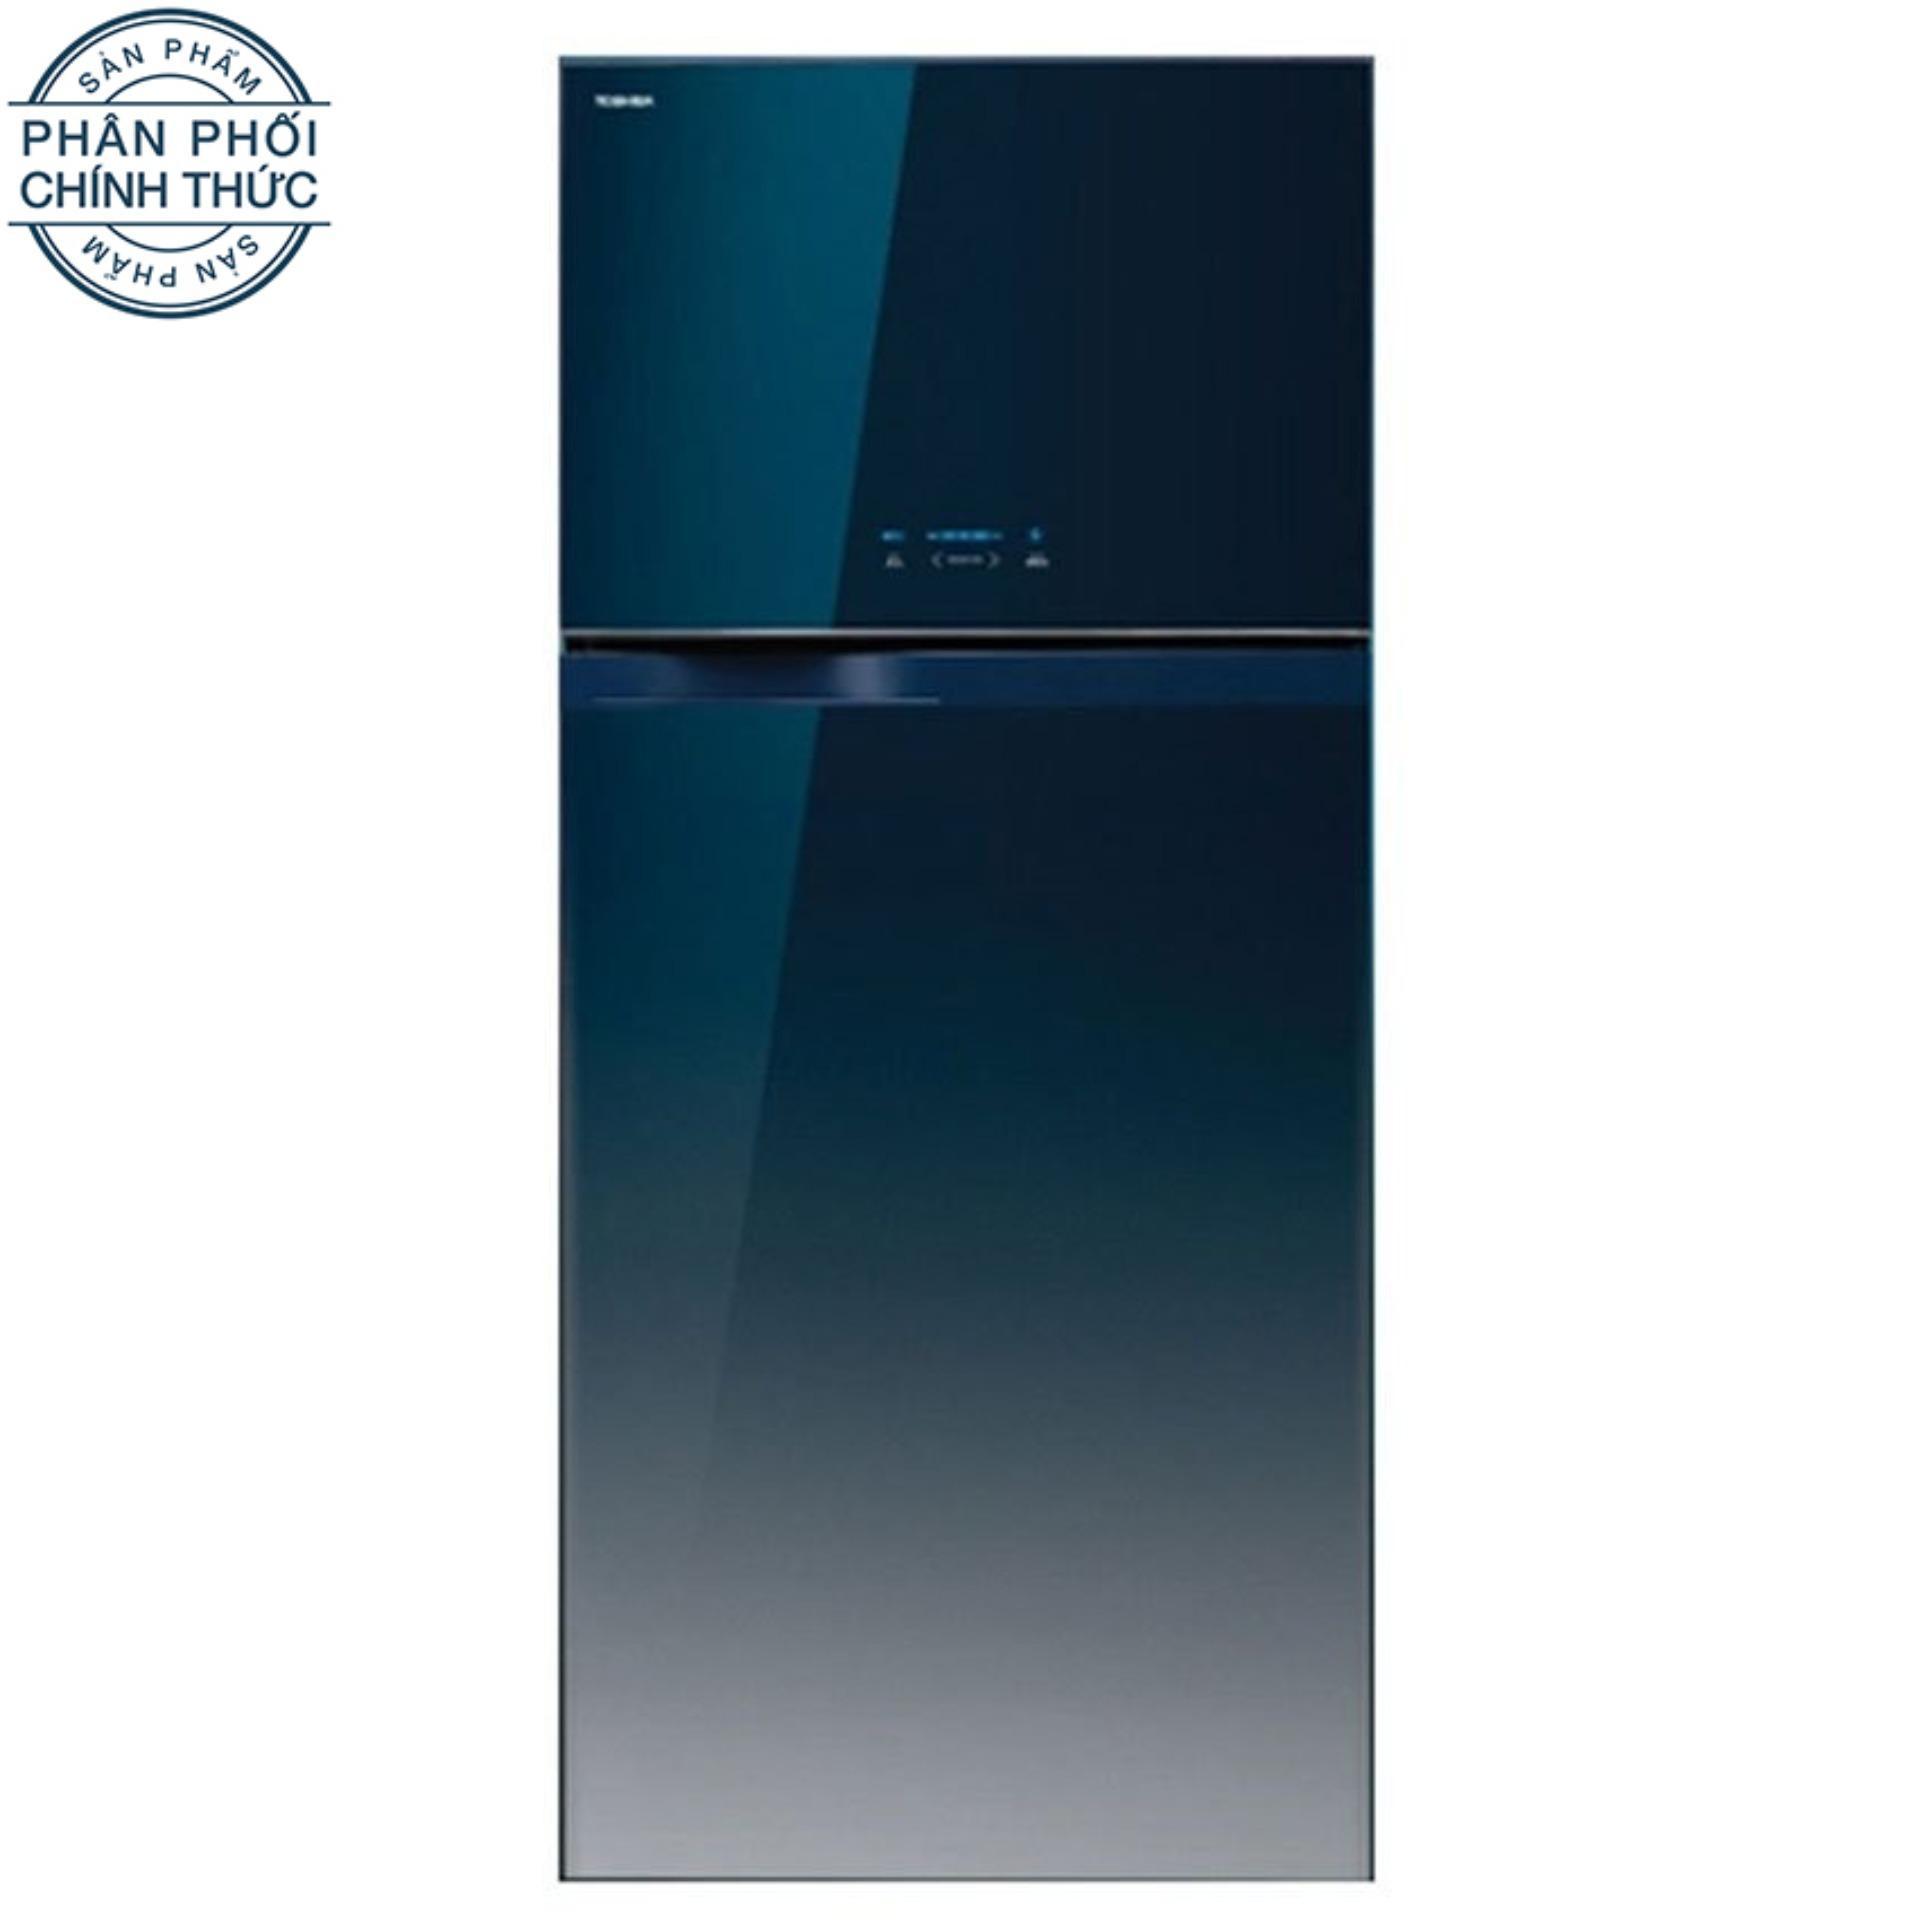 Bán Tủ Lạnh Toshiba Gr Wg66Vdaz Gg 600 Lit Xanh Có Thương Hiệu Rẻ